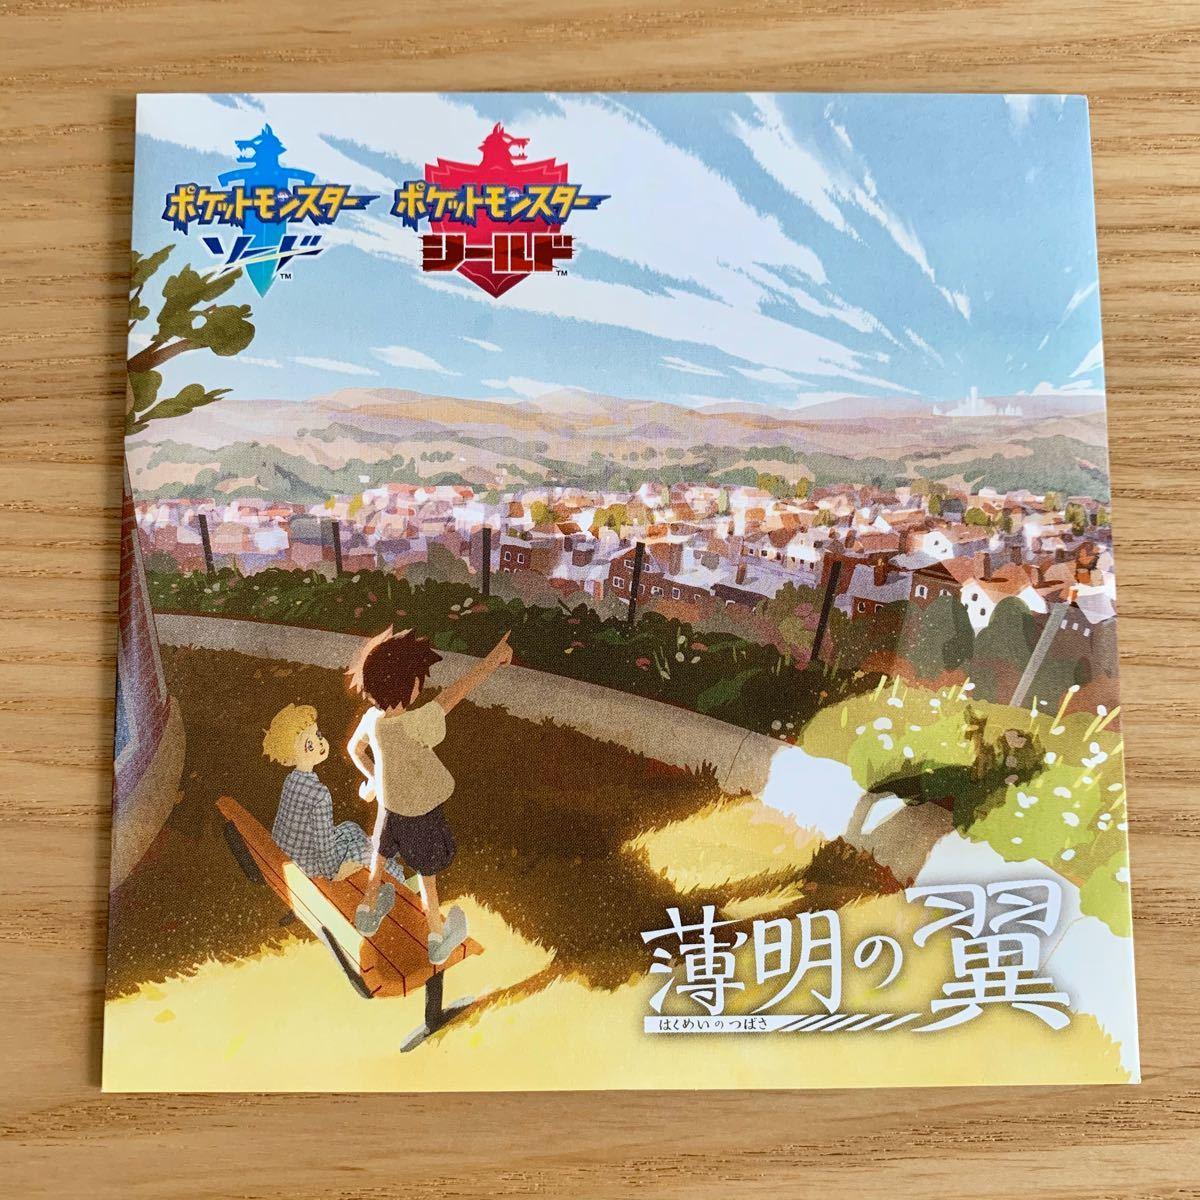 薄明の翼 DVD 新品 未開封 非売品 アニメ ポケモン ソード  シールド